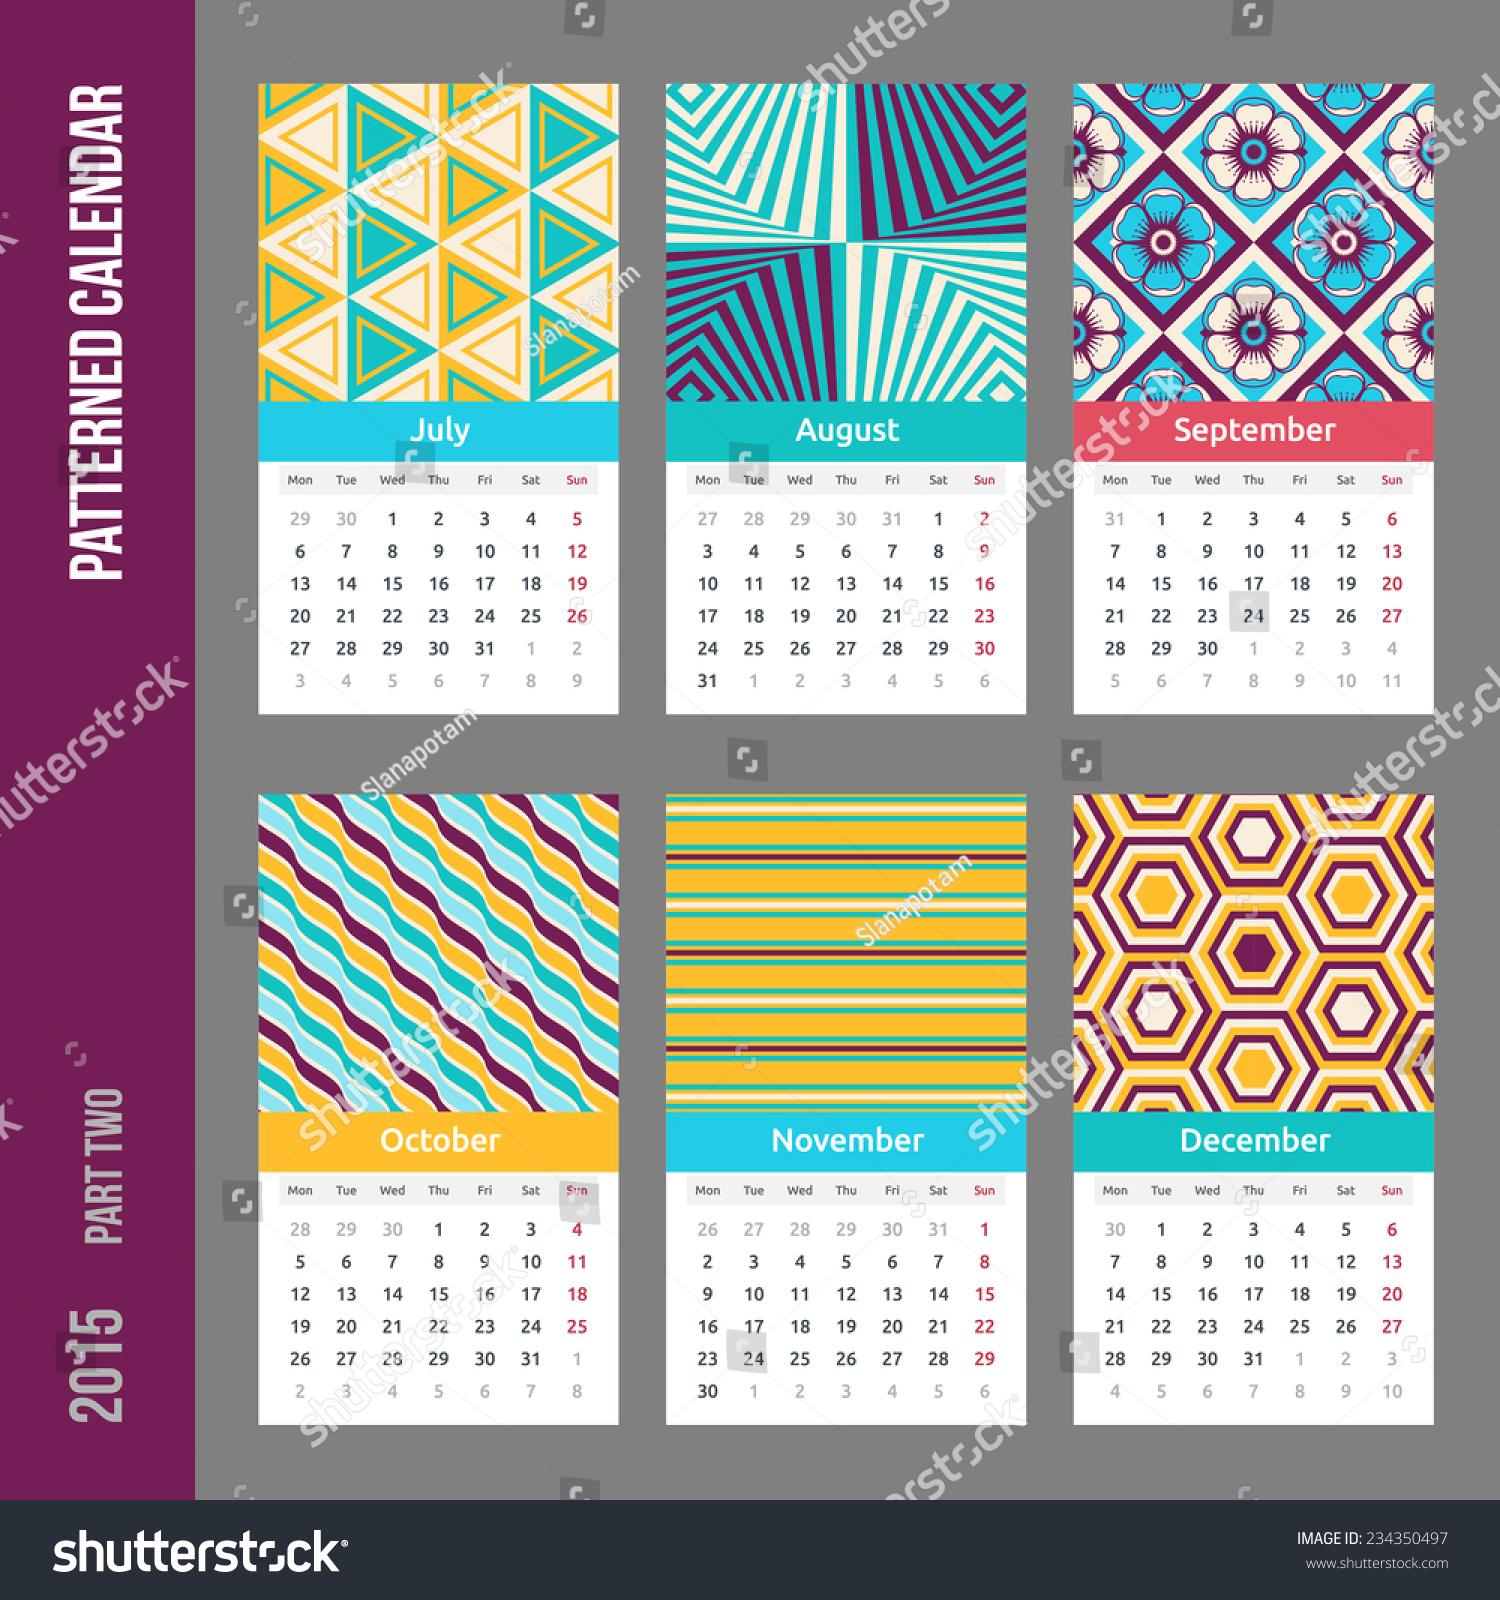 Calendar Pages Vector : European calendar grid year abstract stock vector